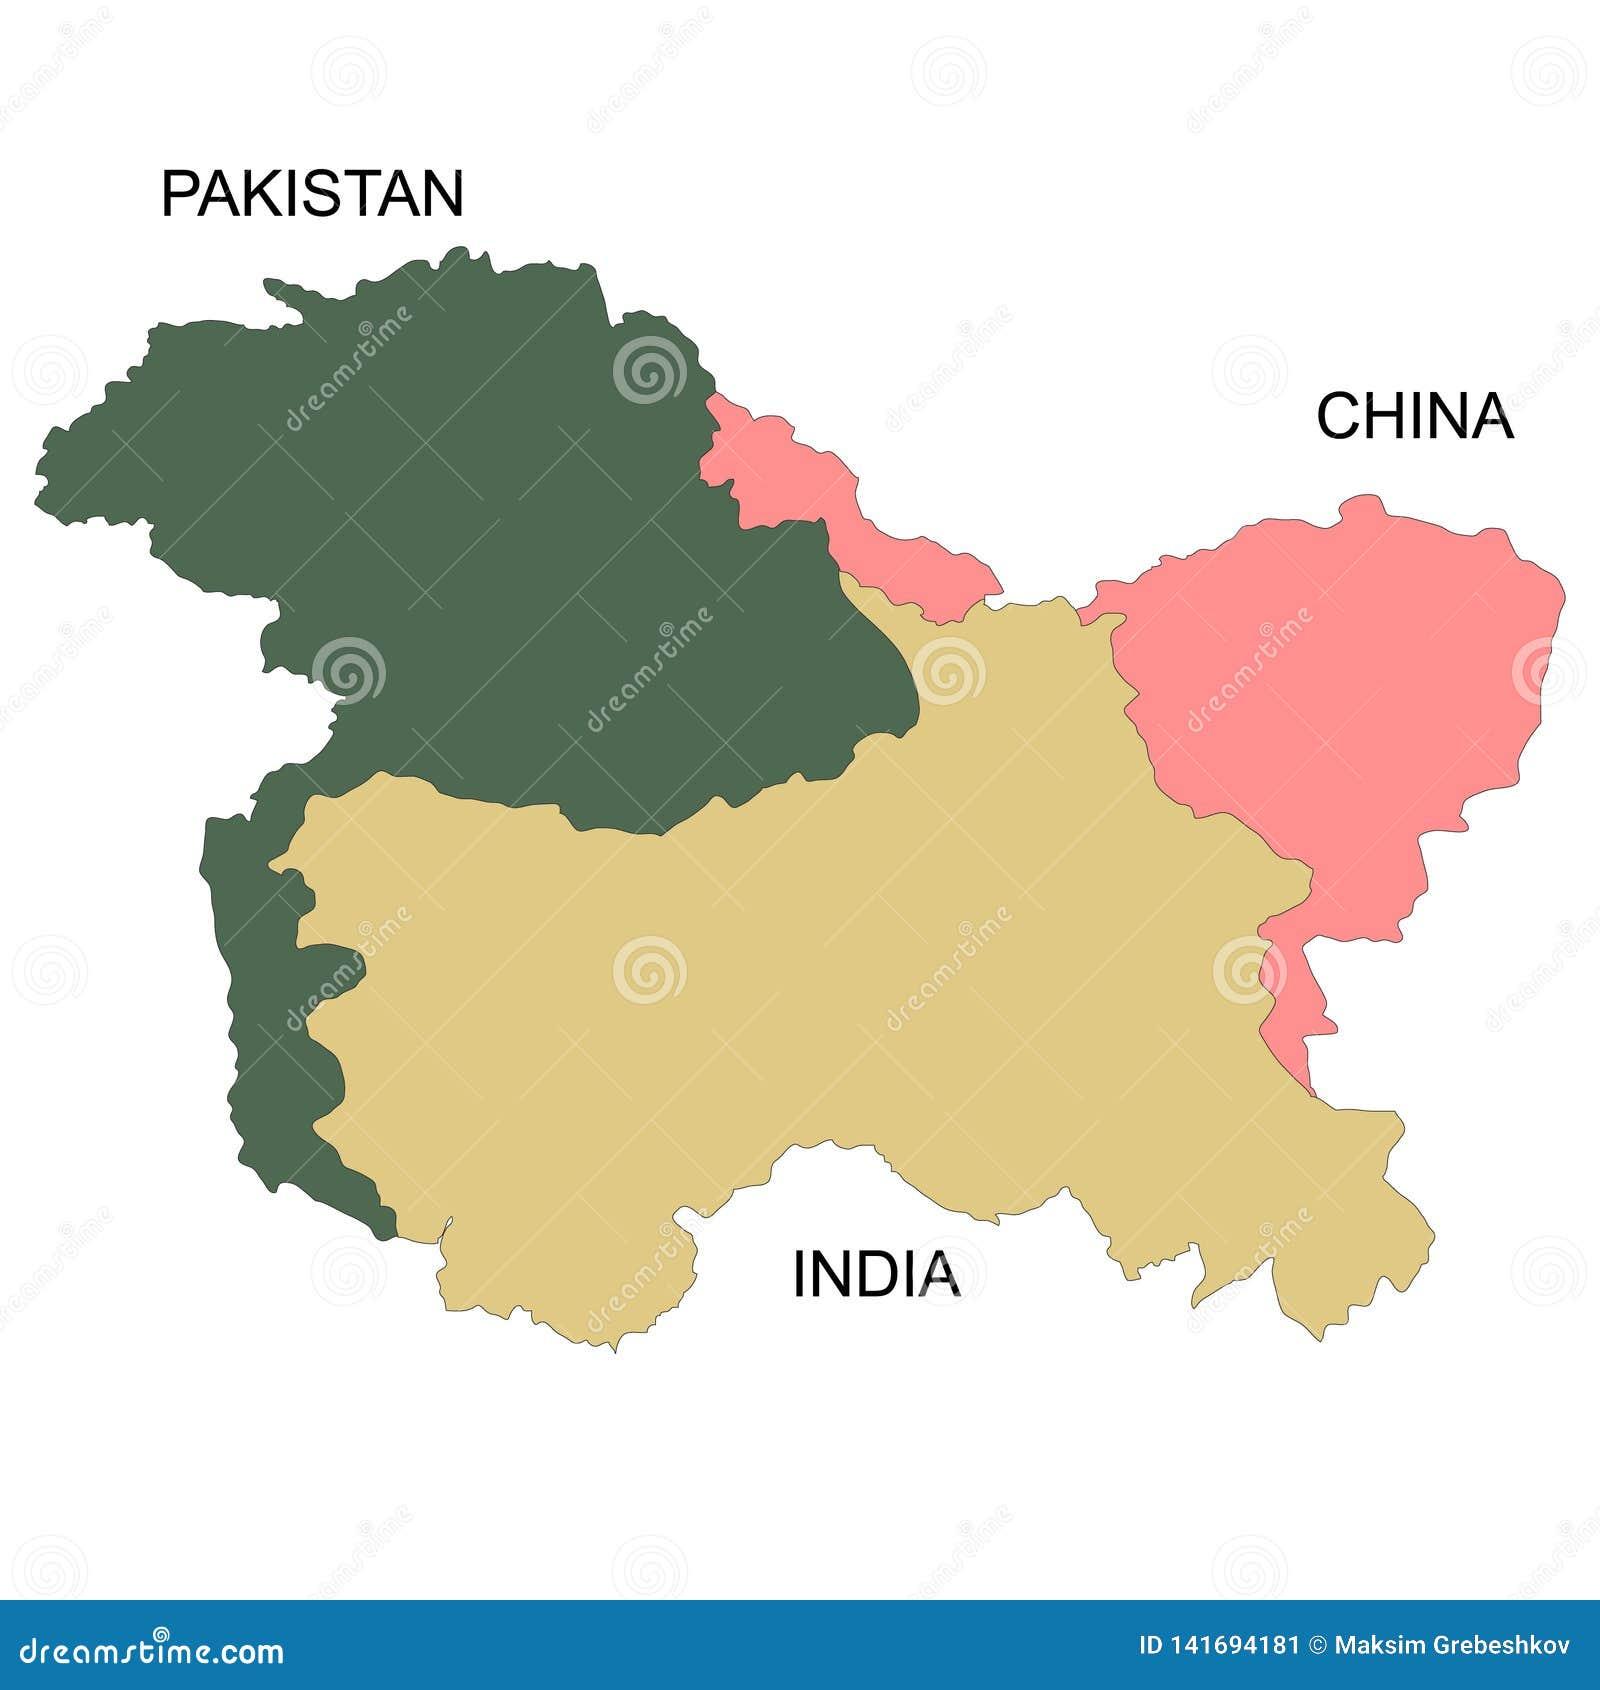 Cartina Muta Del Subcontinente Indiano.La Mappa Del Kashmir E Una Regione Geografica Illustrazione Di Stock Illustrazione Di Pakistano Asia 141694181